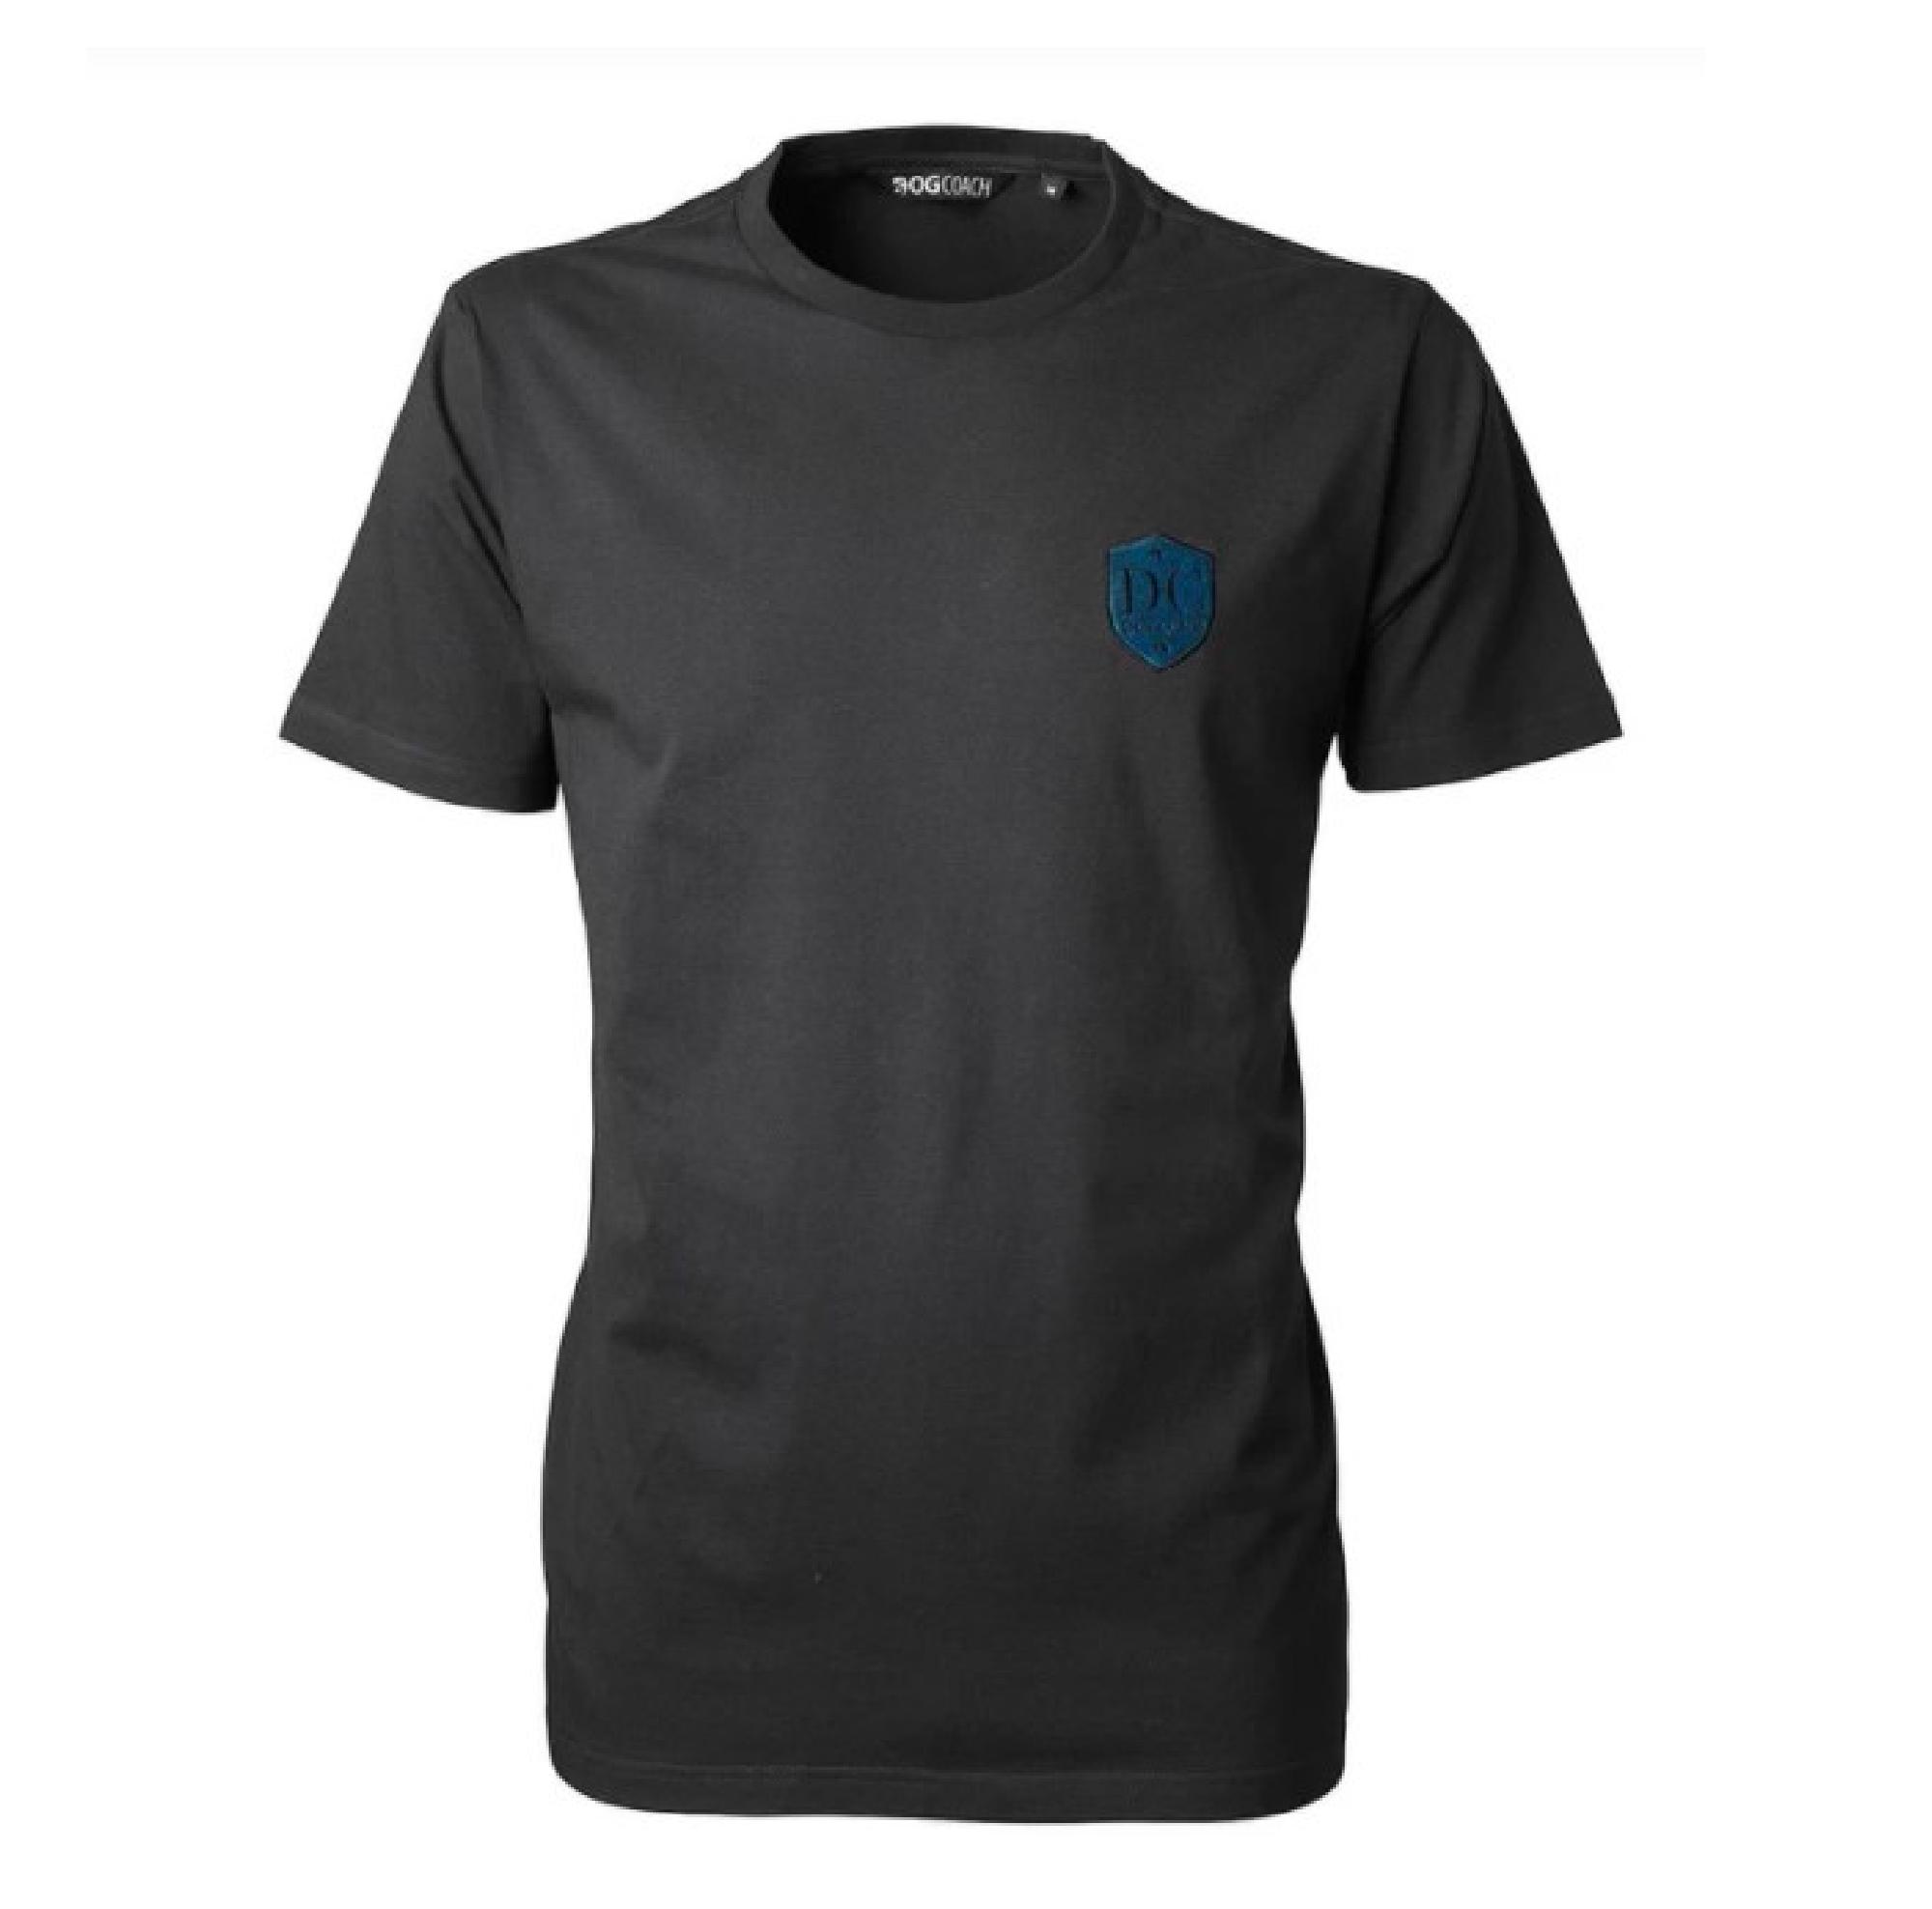 DogCoach T-shirt Men